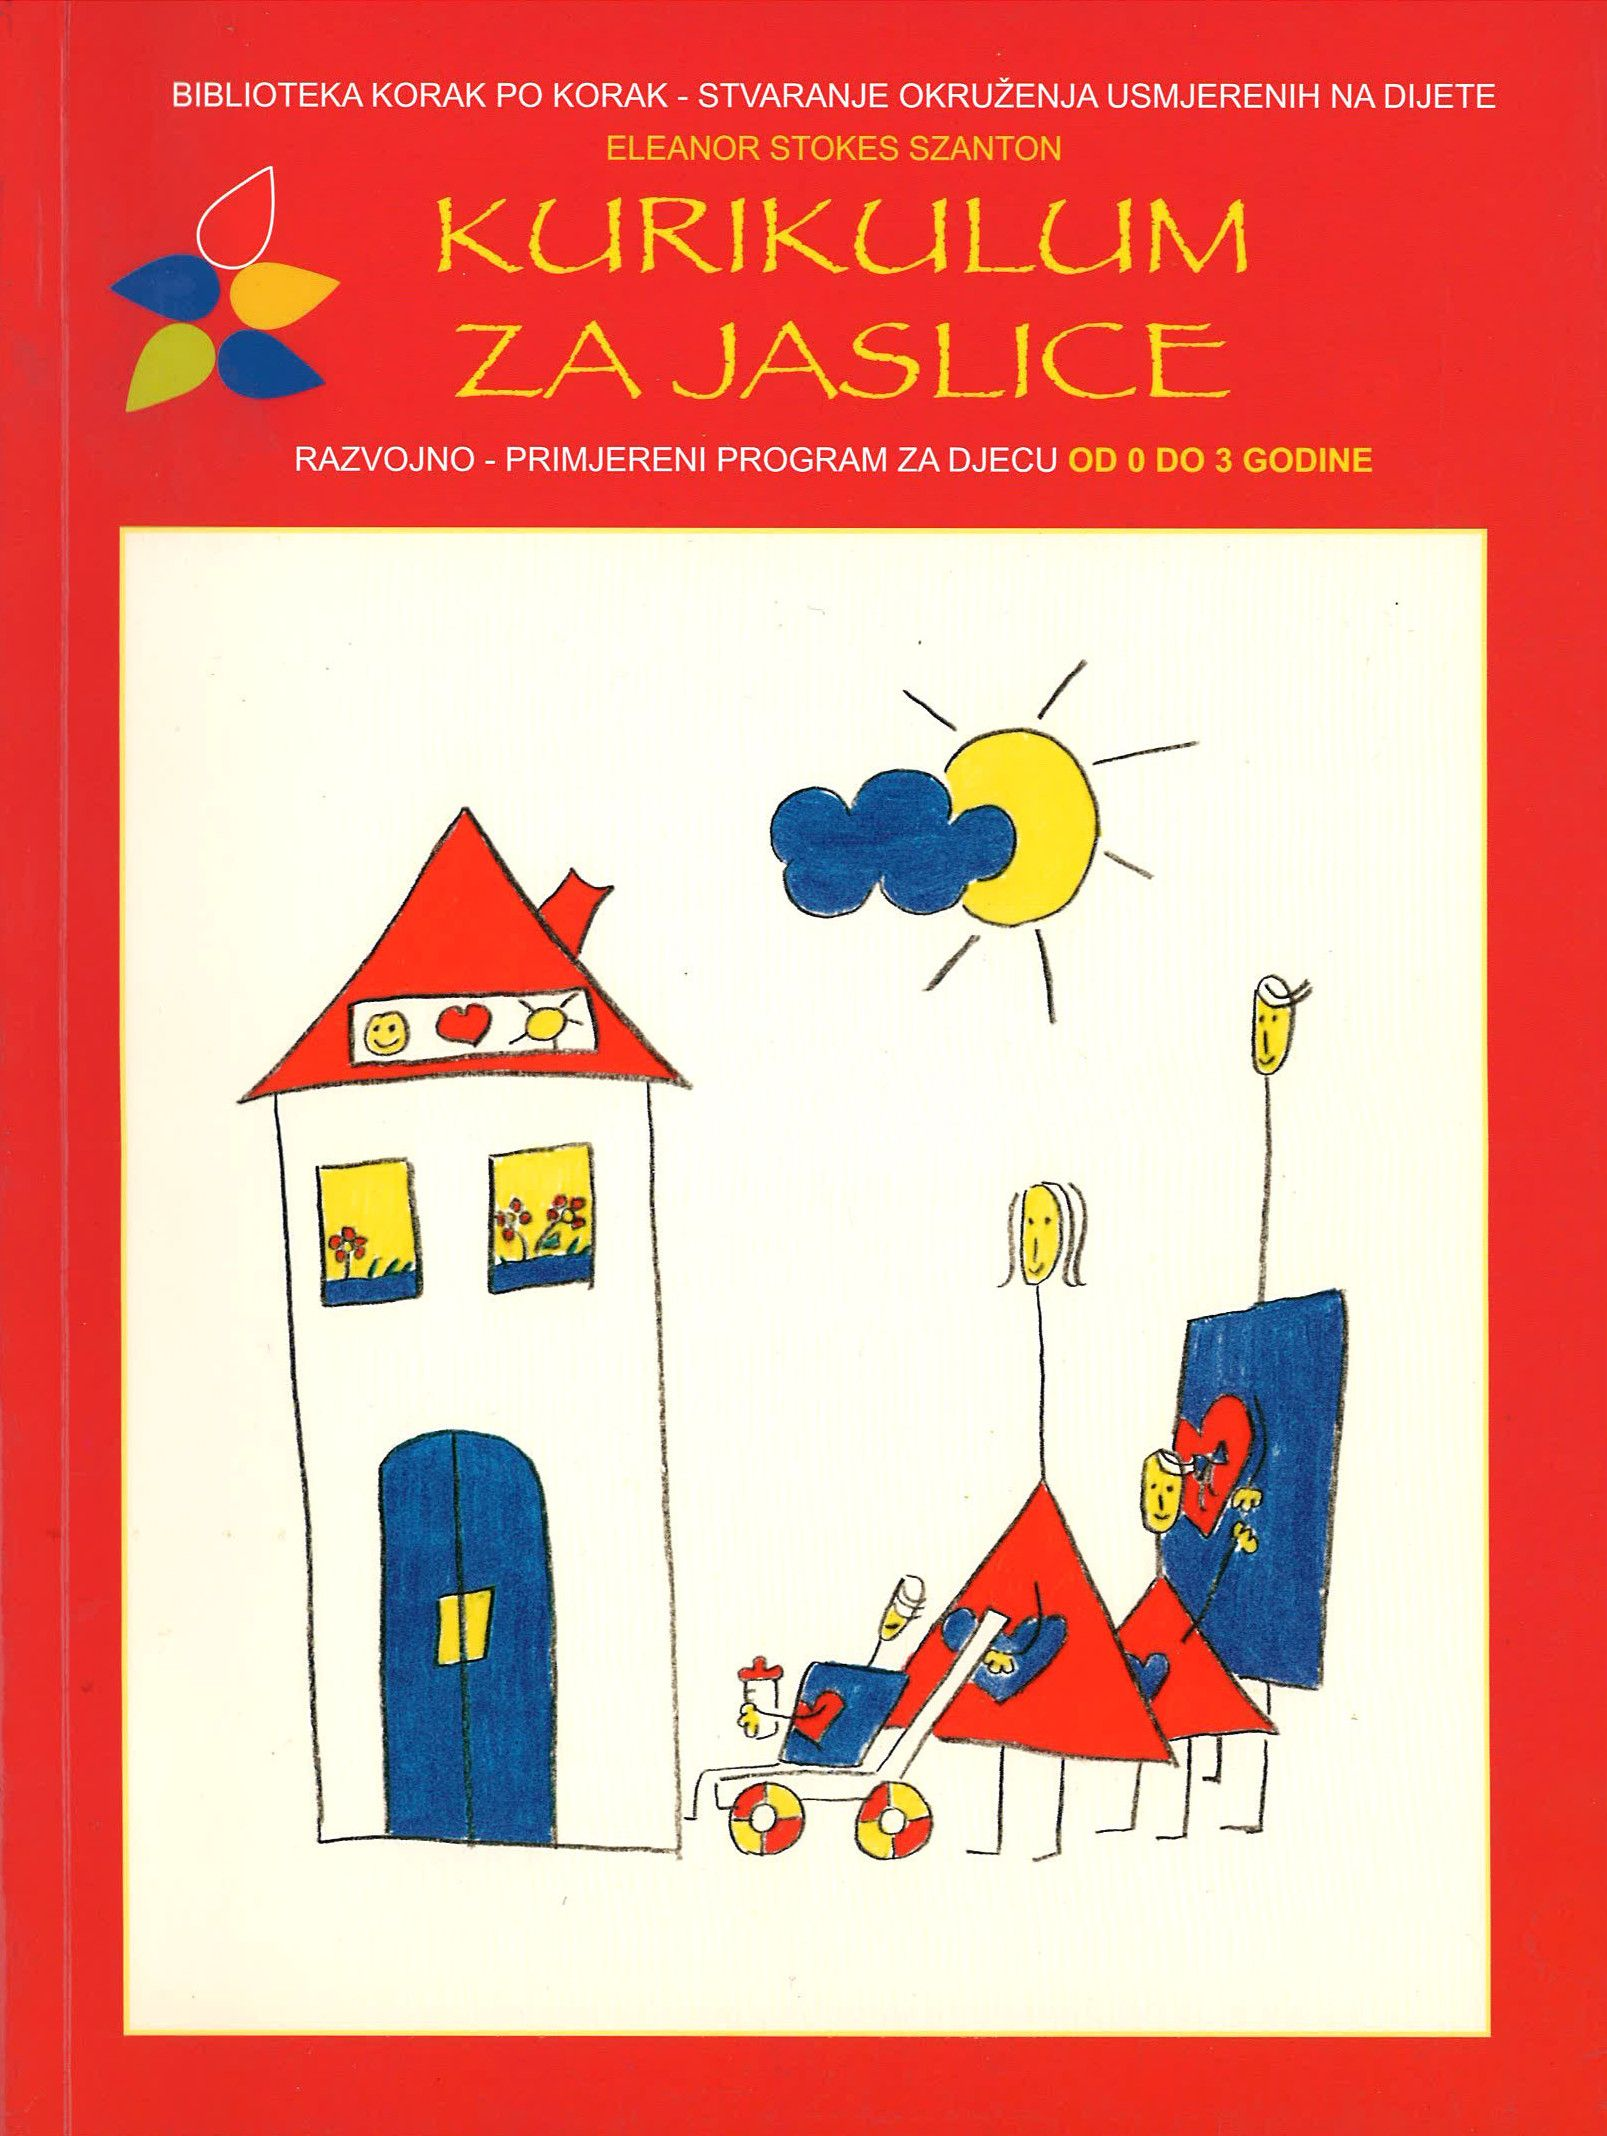 KURIKULUM ZA JASLICE - Razvojno-primjereni program za rad s djecom od 0 do 3 godine